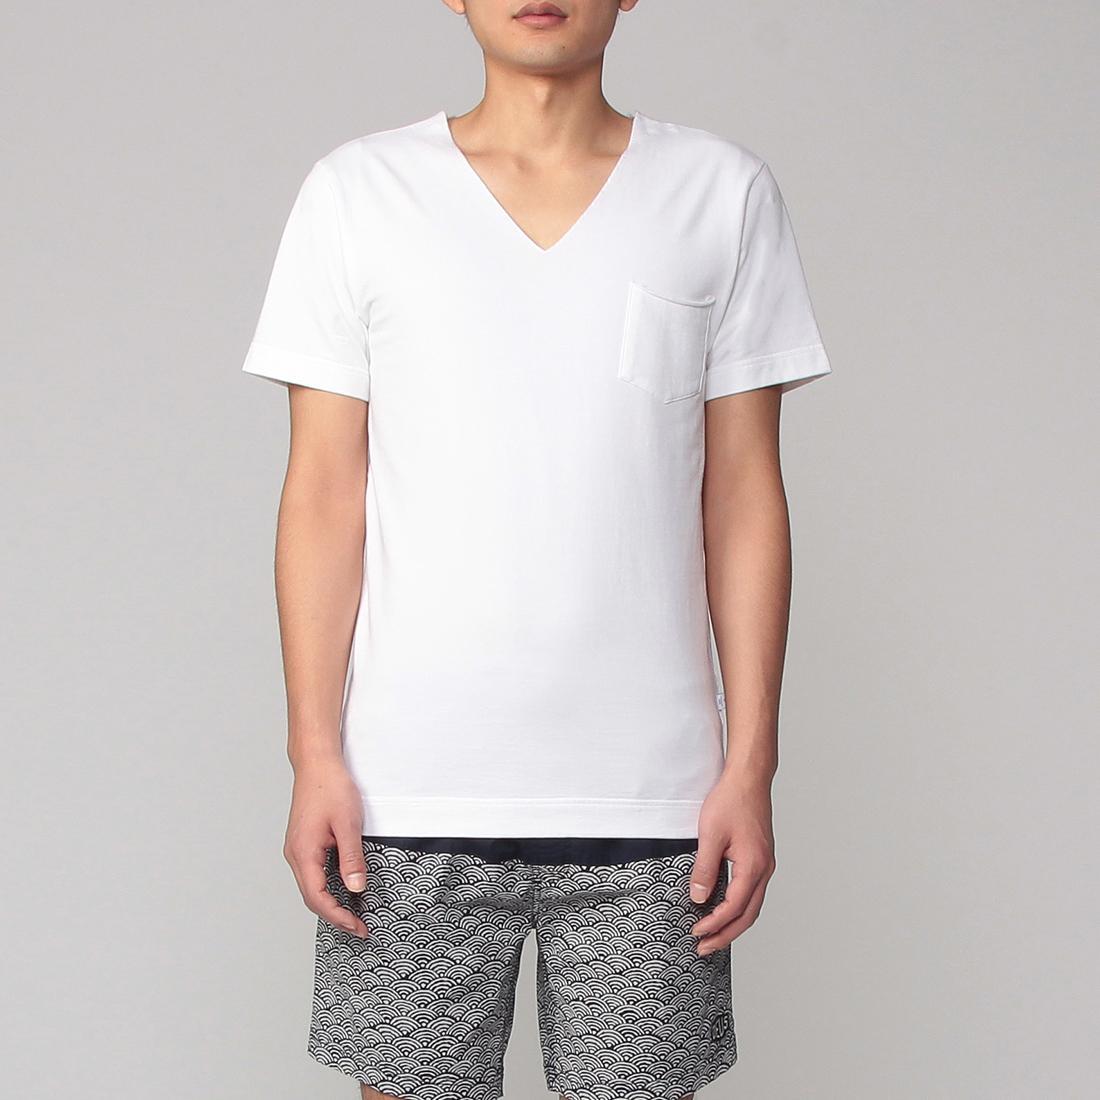 FACETAS 無地Tシャツ